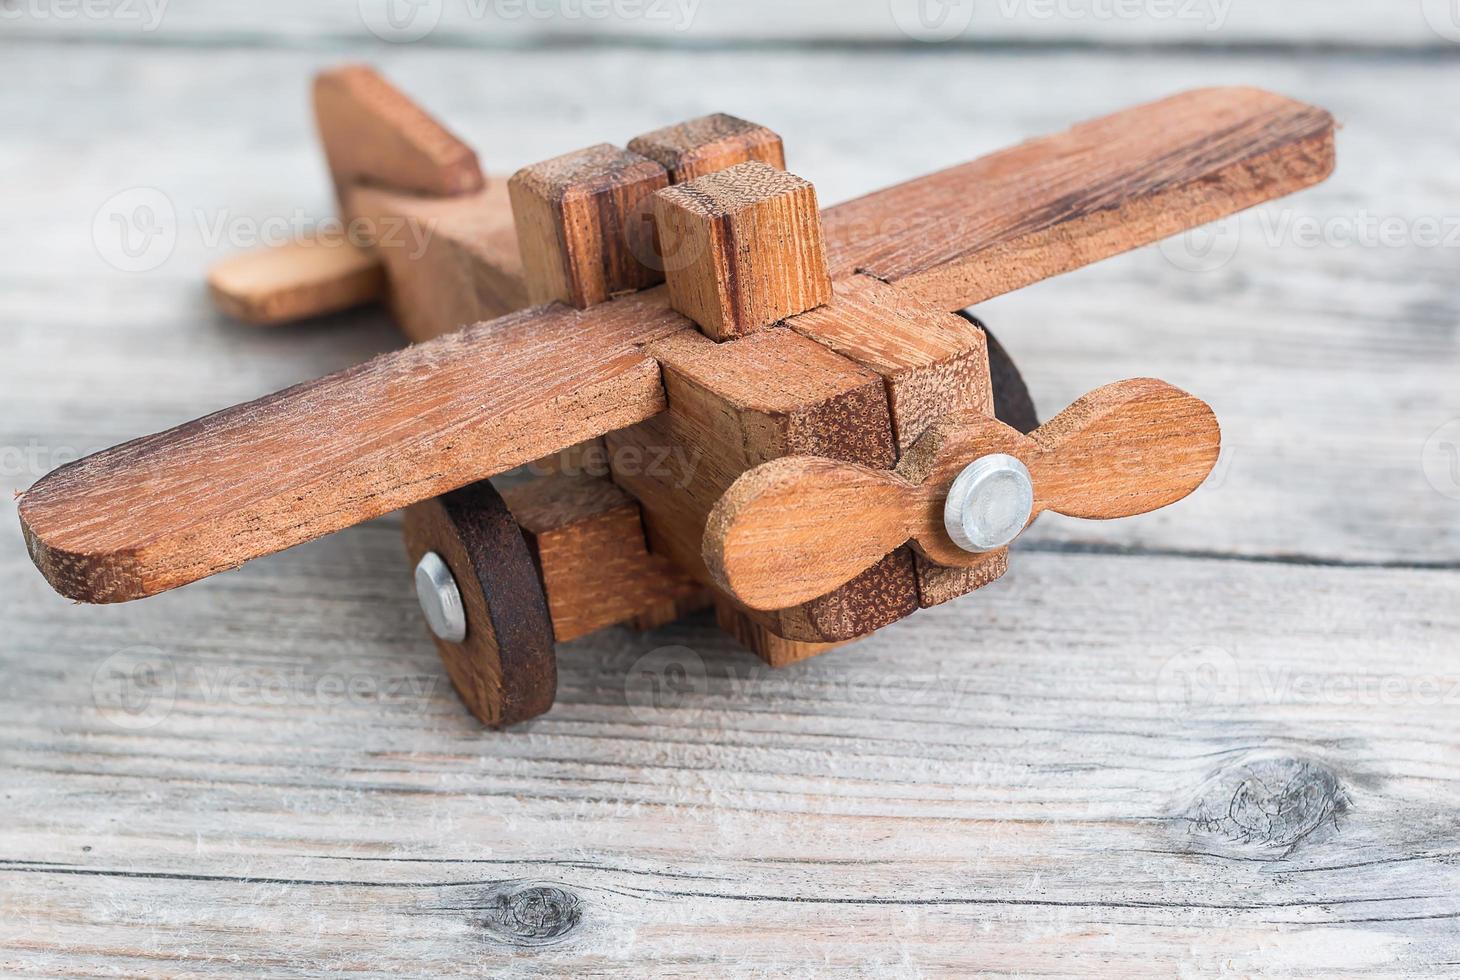 gros plan, bois, avion, jouet, main, découpé, modèle photo